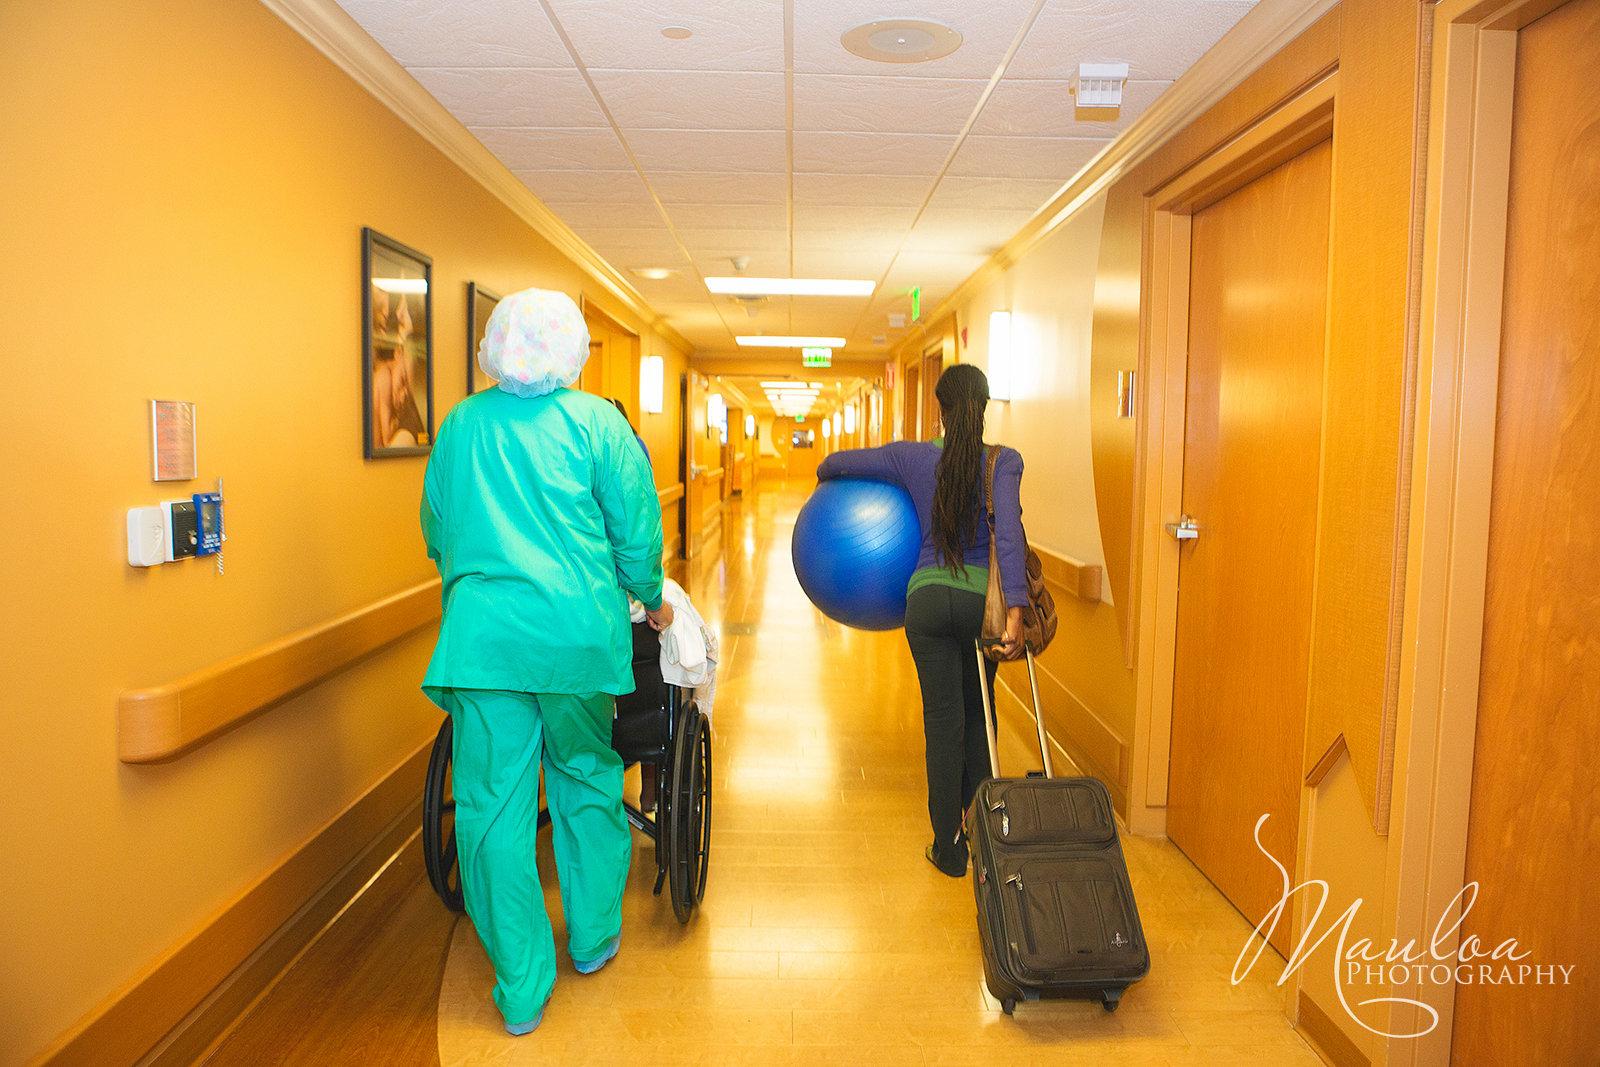 Heading to maternity ward